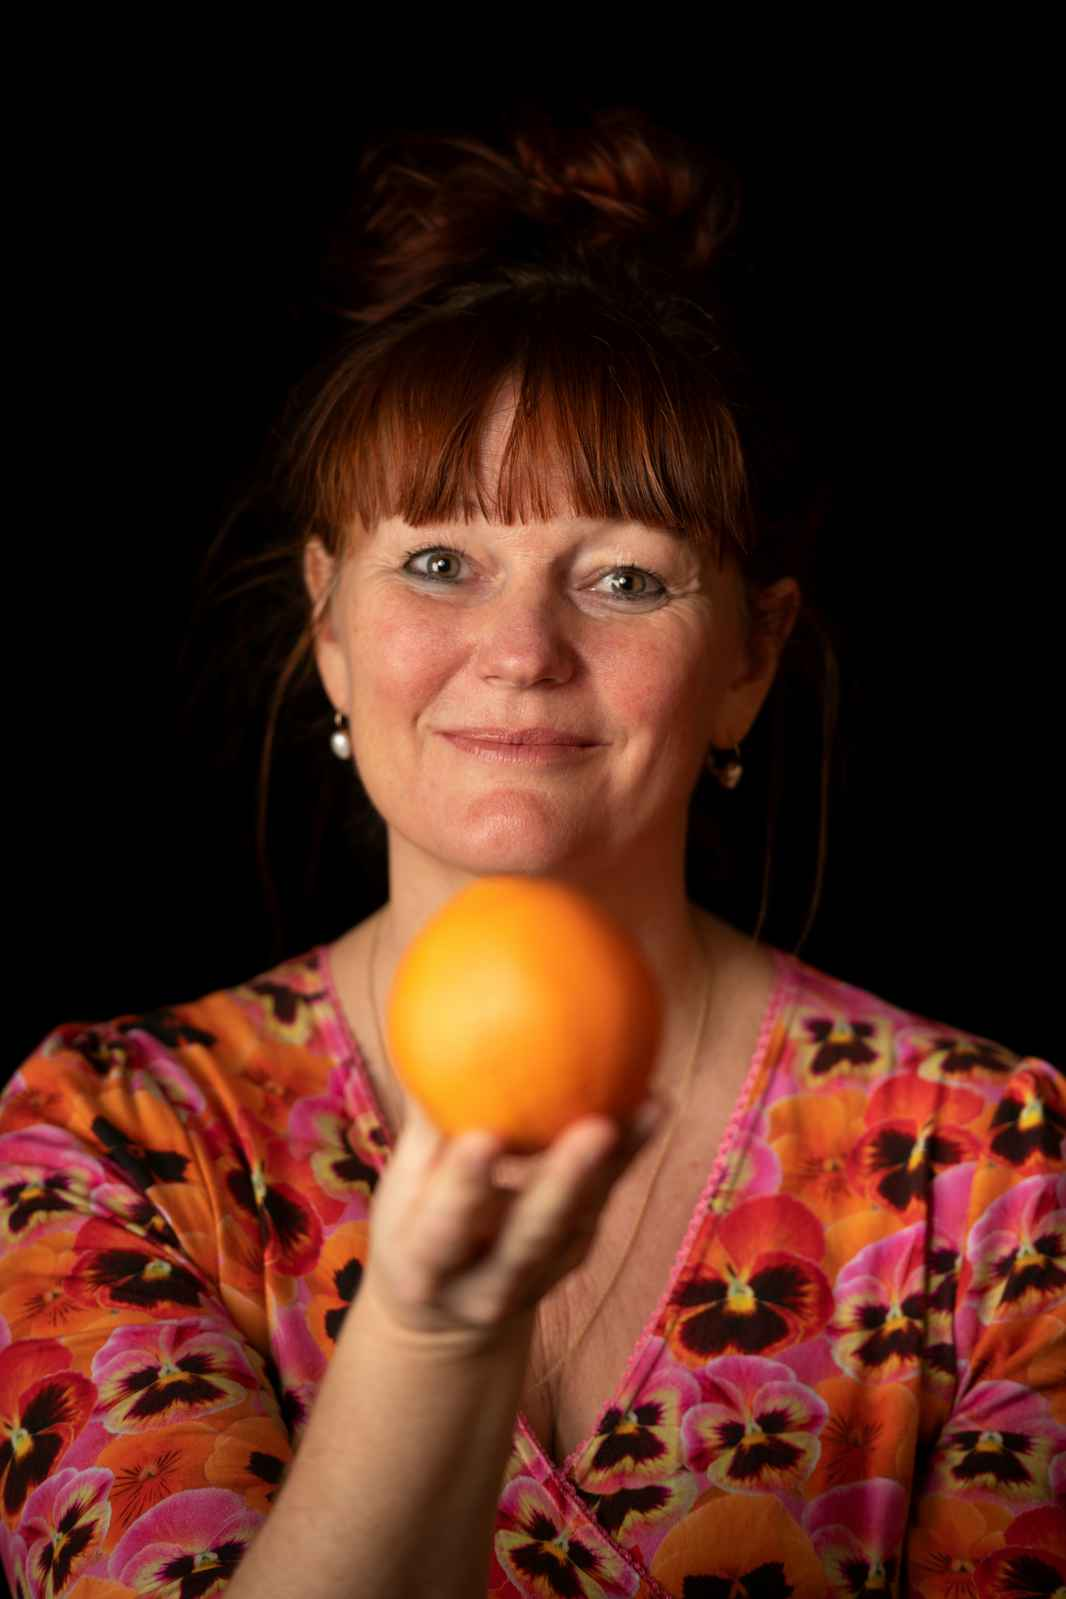 Lene Allma appelsin